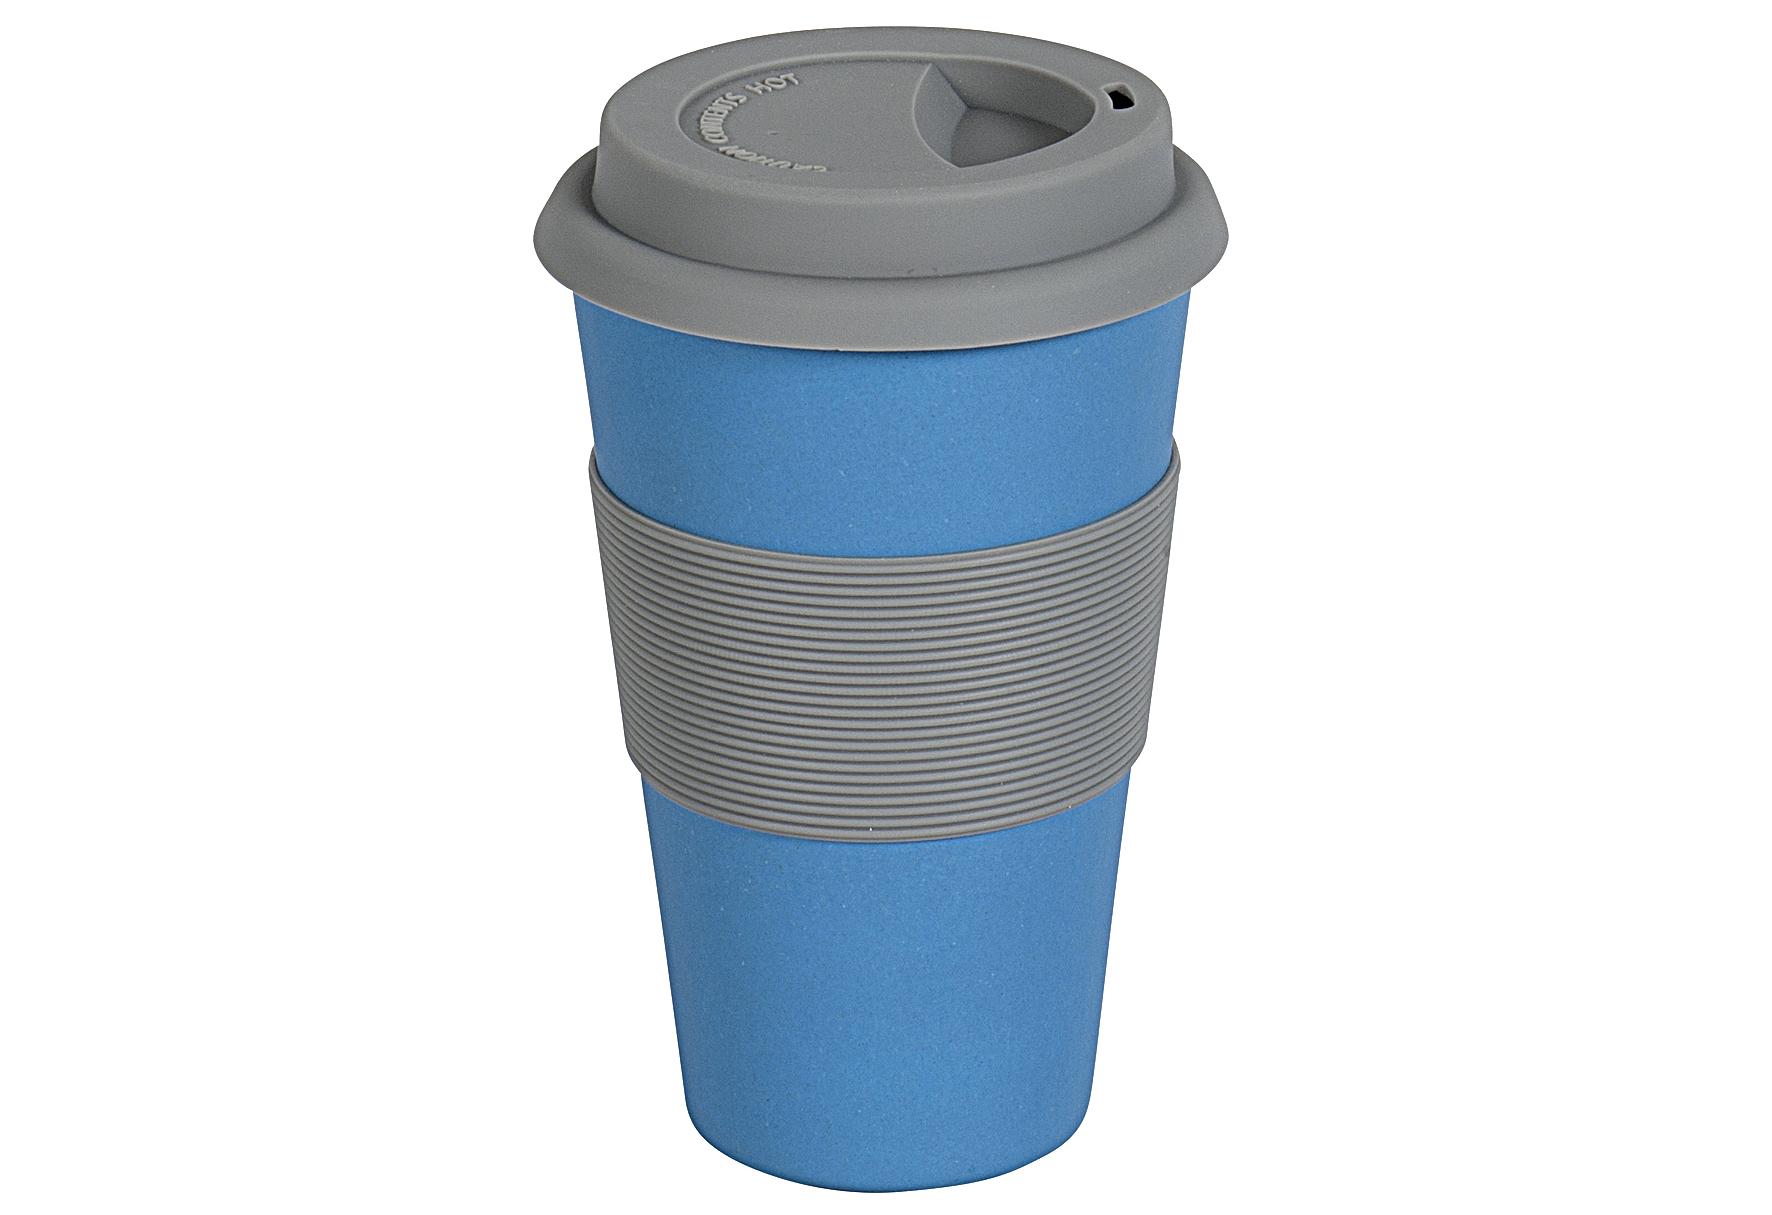 MAGU Becher Coffee to go Natur-Design blau ca. 70 % Cellulose (gewonnen aus Bambusfasern, Maisstärke und Holzfasern) / ca. 30 % Harze, lebensmittelecht